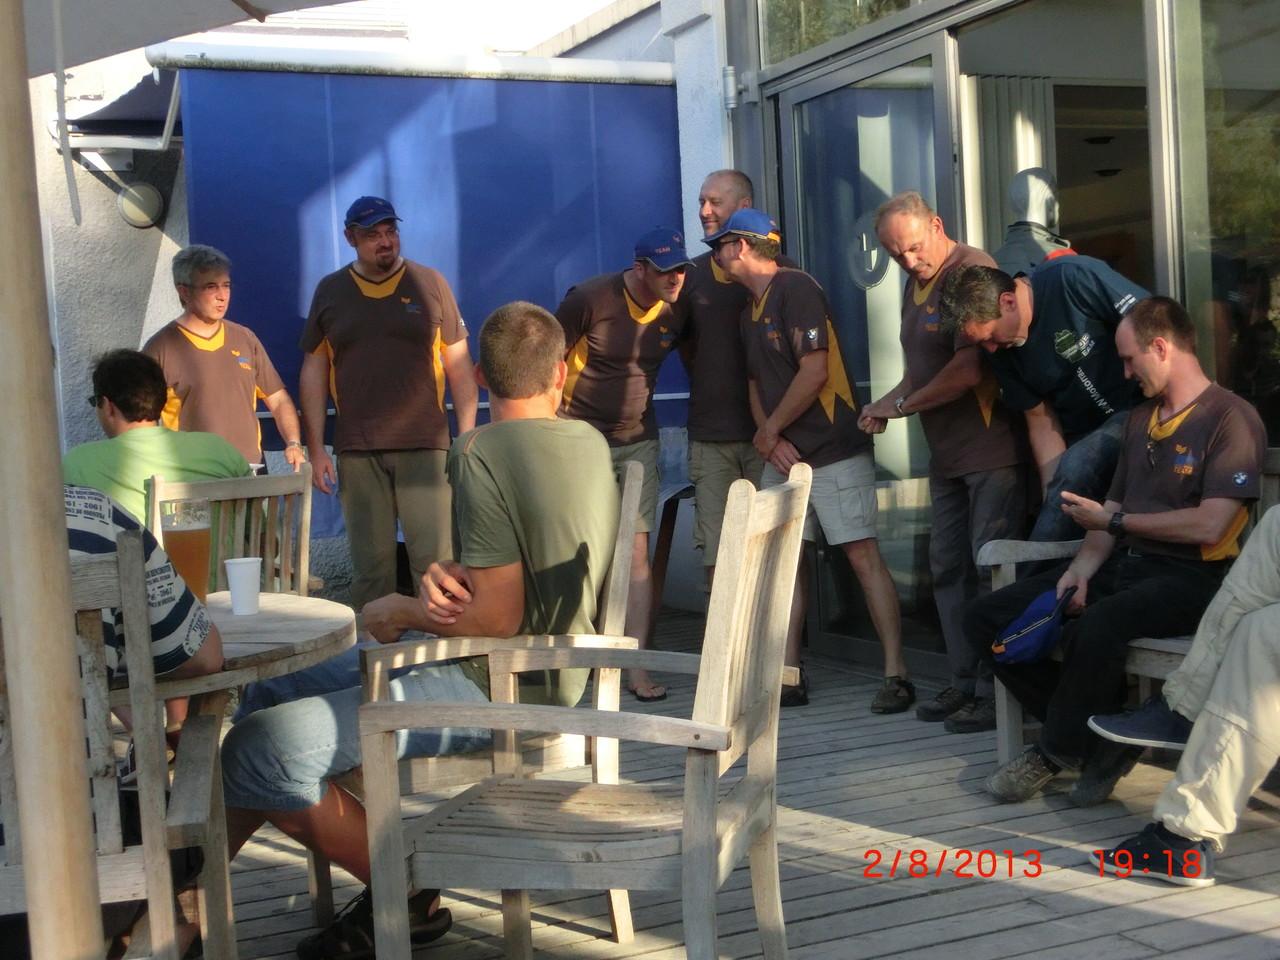 Die Vorstellungsrunde von li nach re : Manfred, Jo, Thom, Bernd, Erwin, Helmut, Roland, Martin